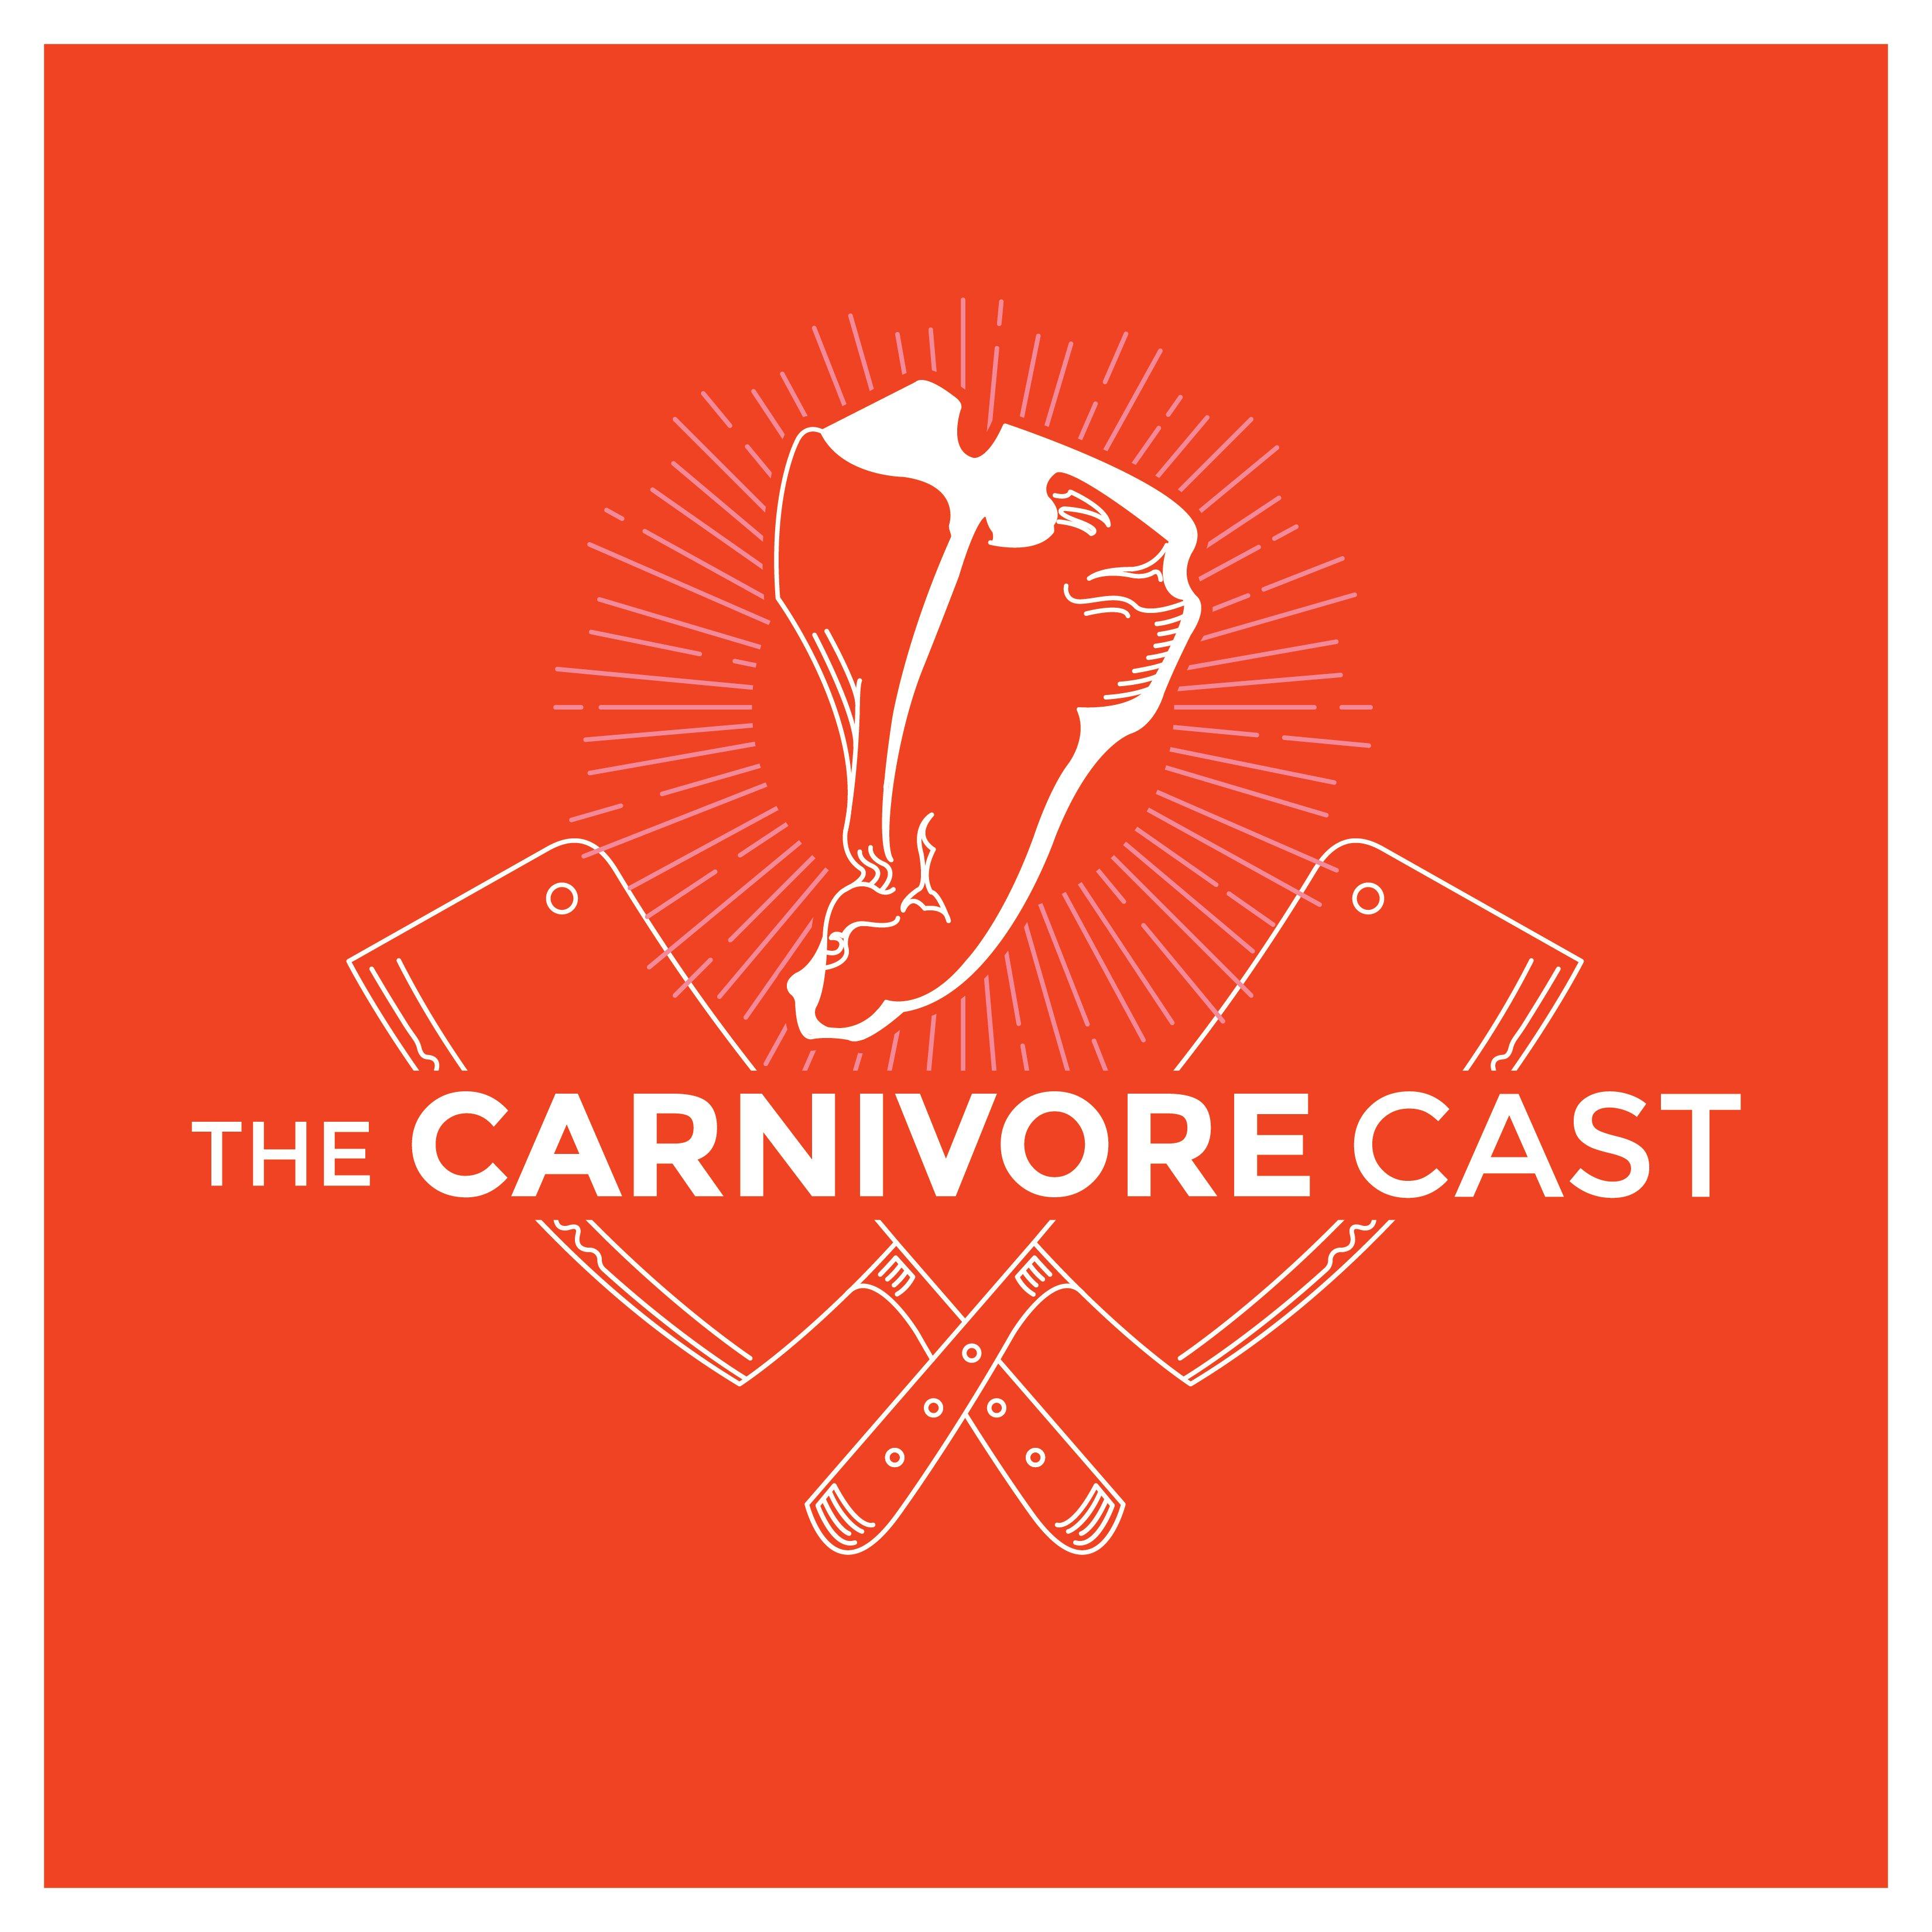 CarnivoreCast